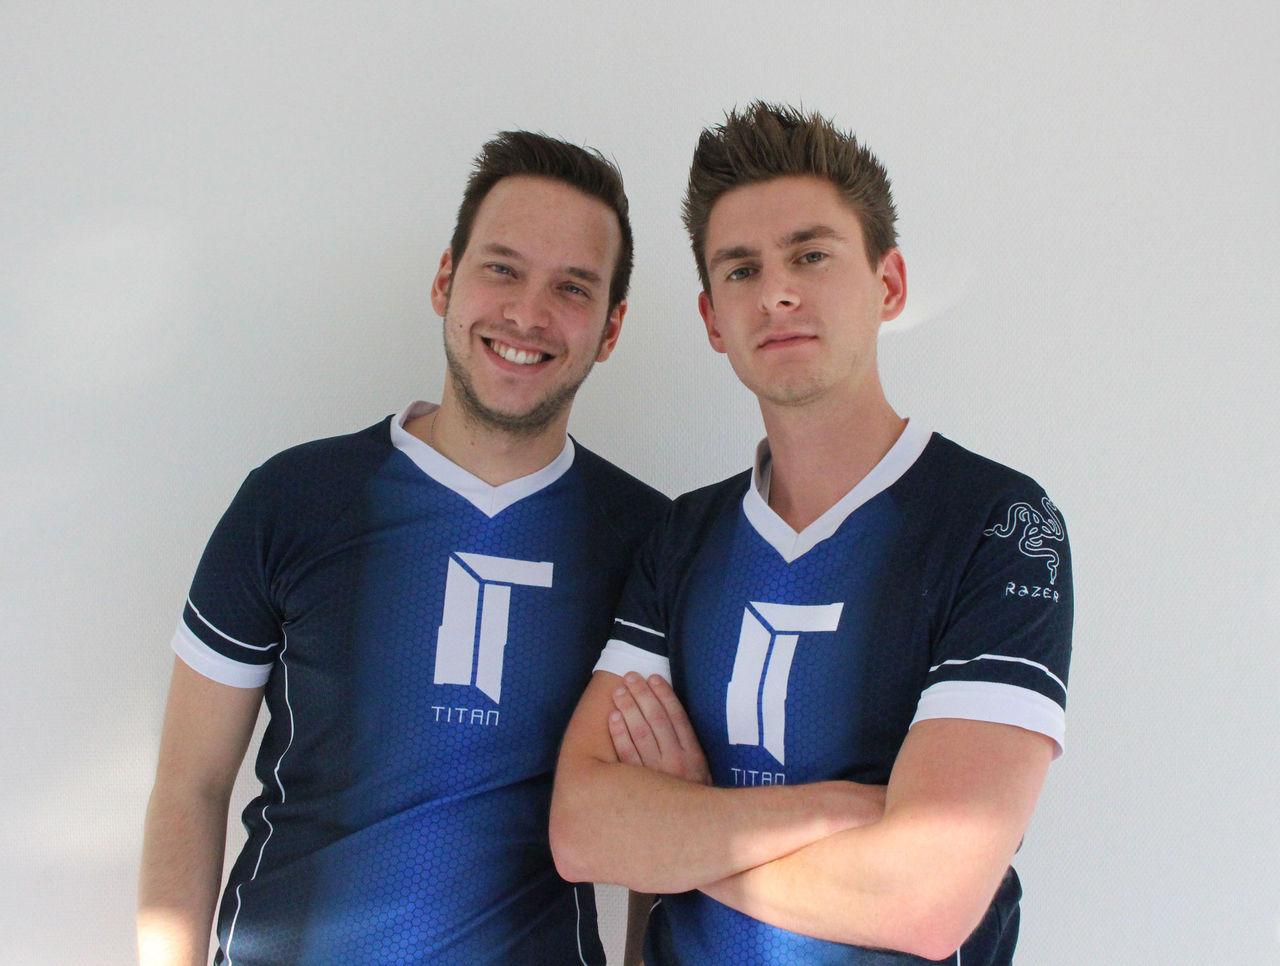 Maniac и Ex6TenZ в форме команды Titan